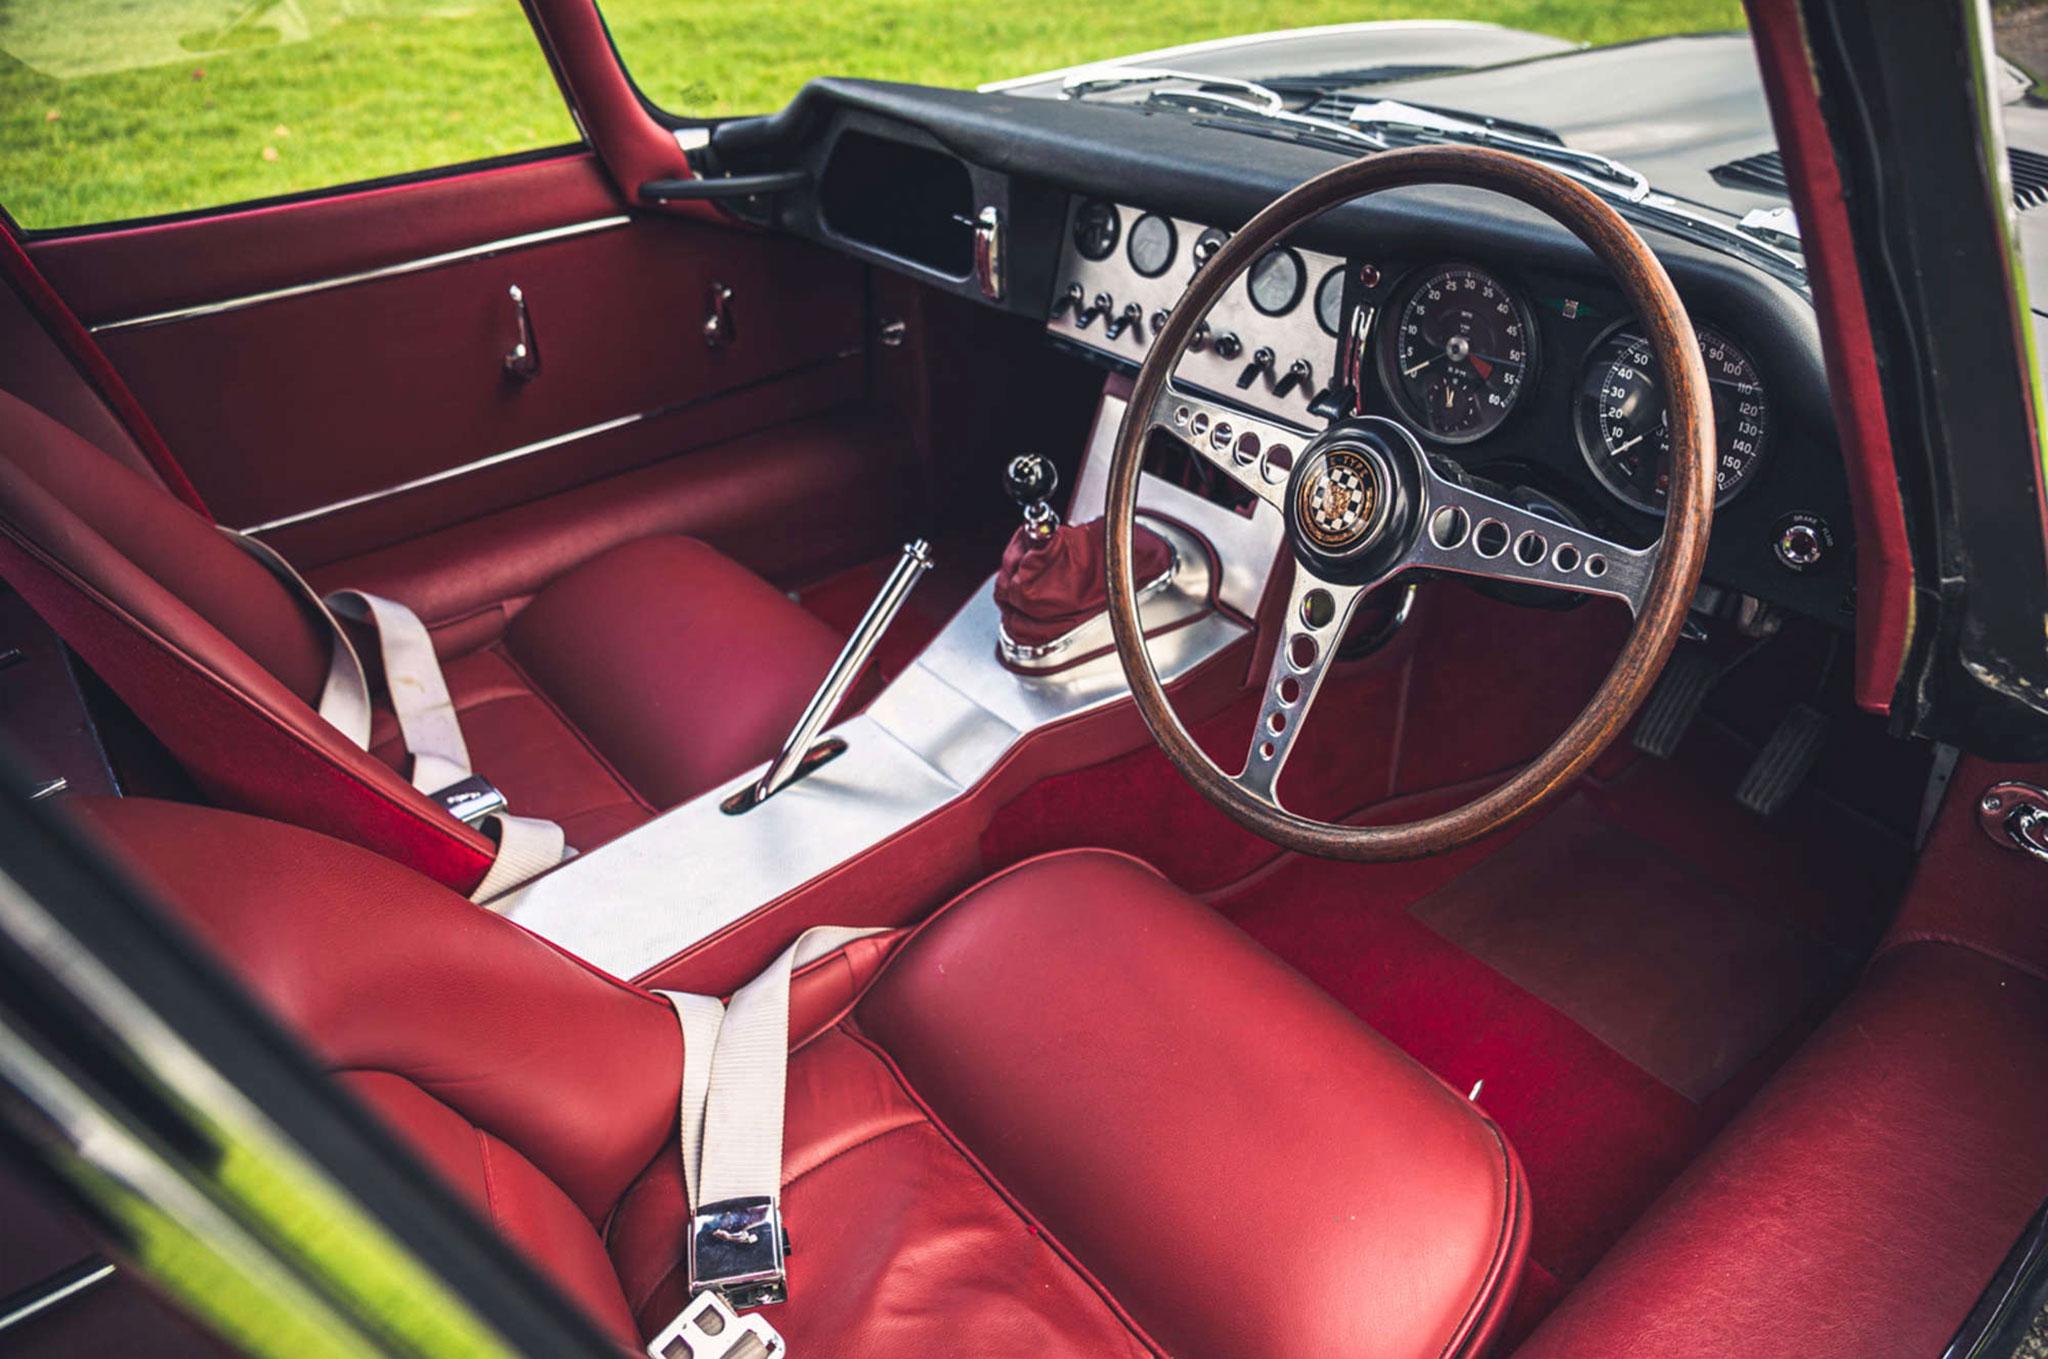 1961 Jaguar E-Type 3.8 Series 1 FHC Flat-Floor Chassis N° 60 vue intérieure